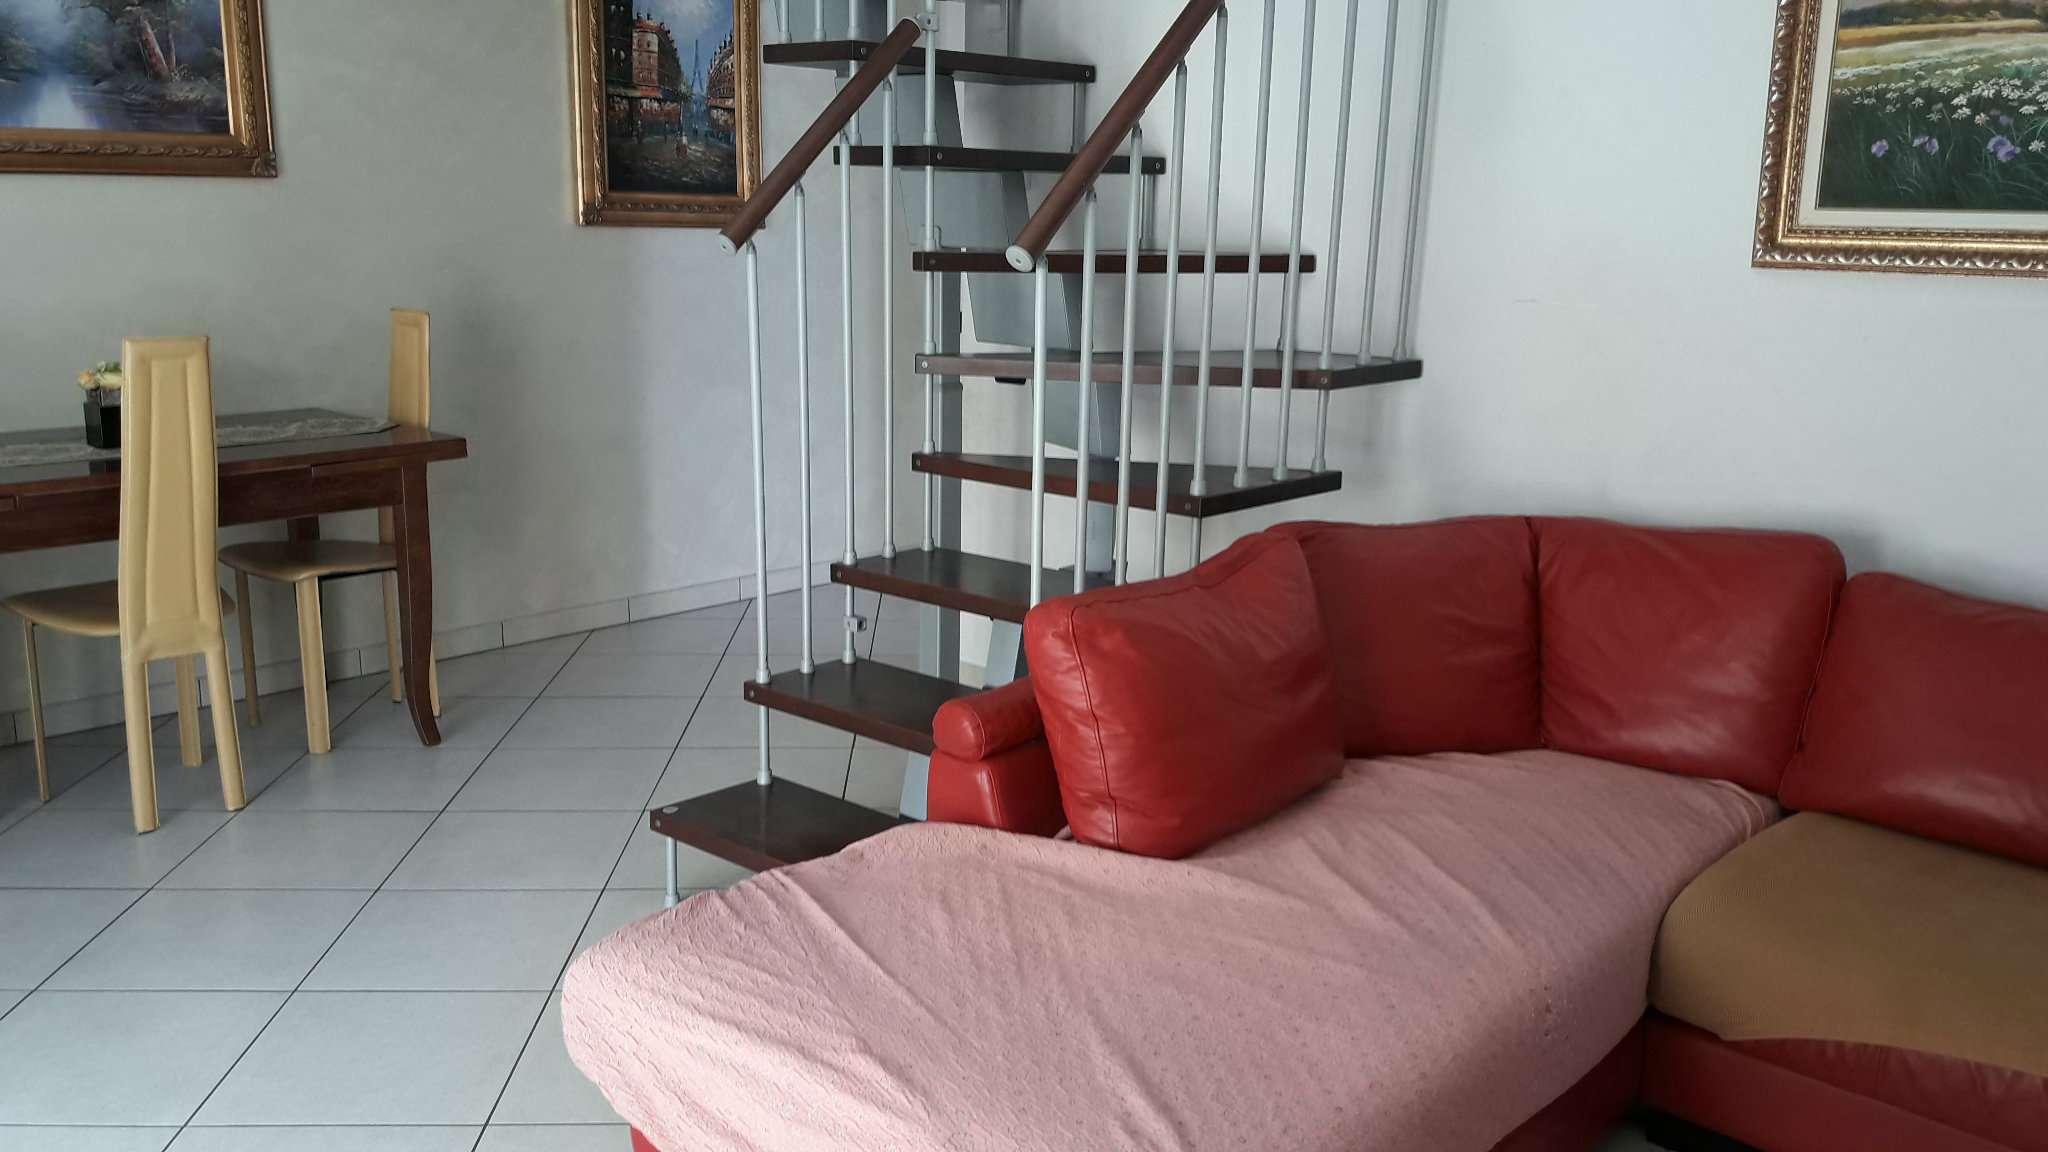 Appartamento in vendita a Beregazzo con Figliaro, 5 locali, prezzo € 232.000 | CambioCasa.it